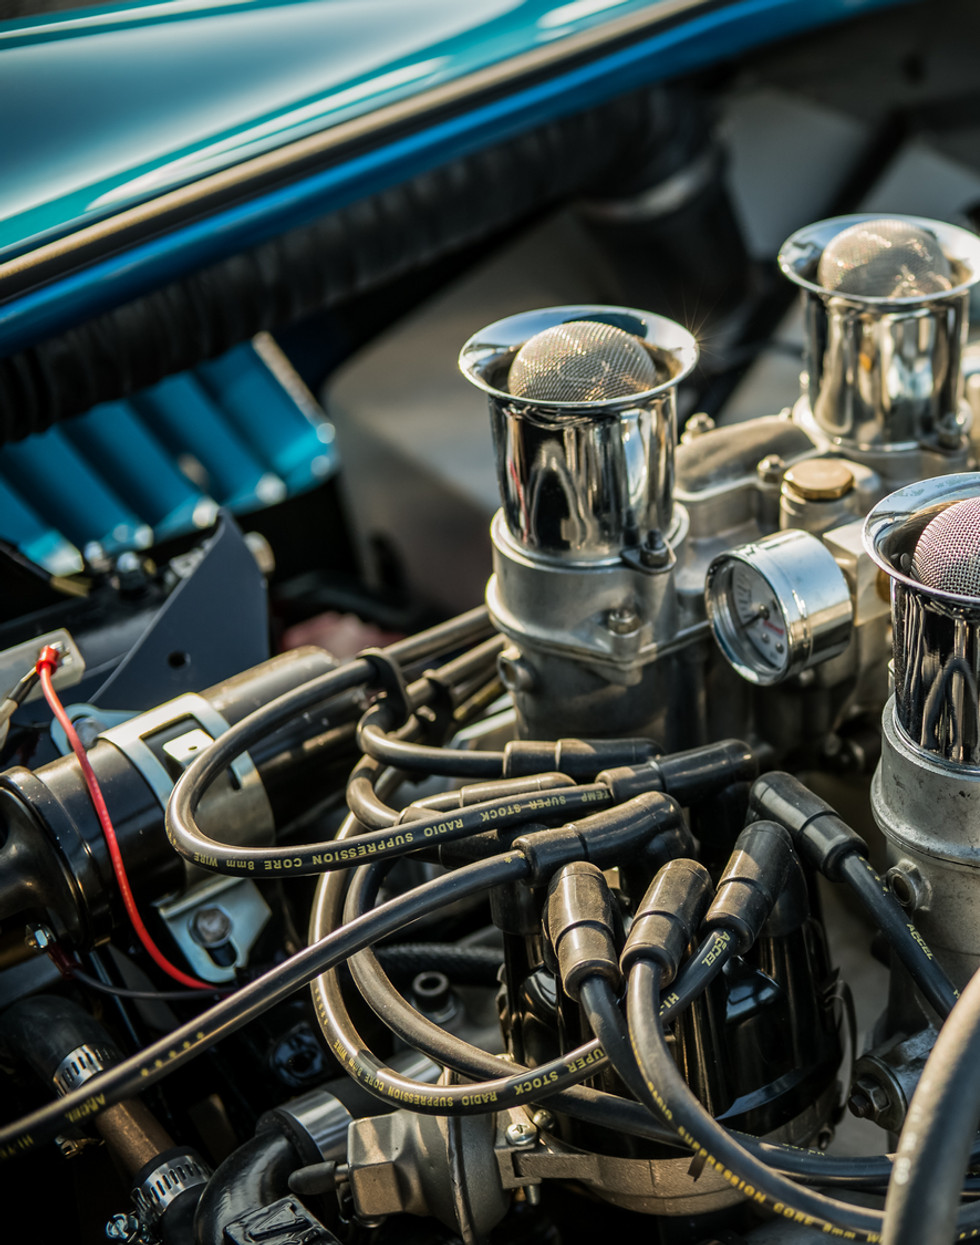 The Image Engine Original 289 Shelby Cobra